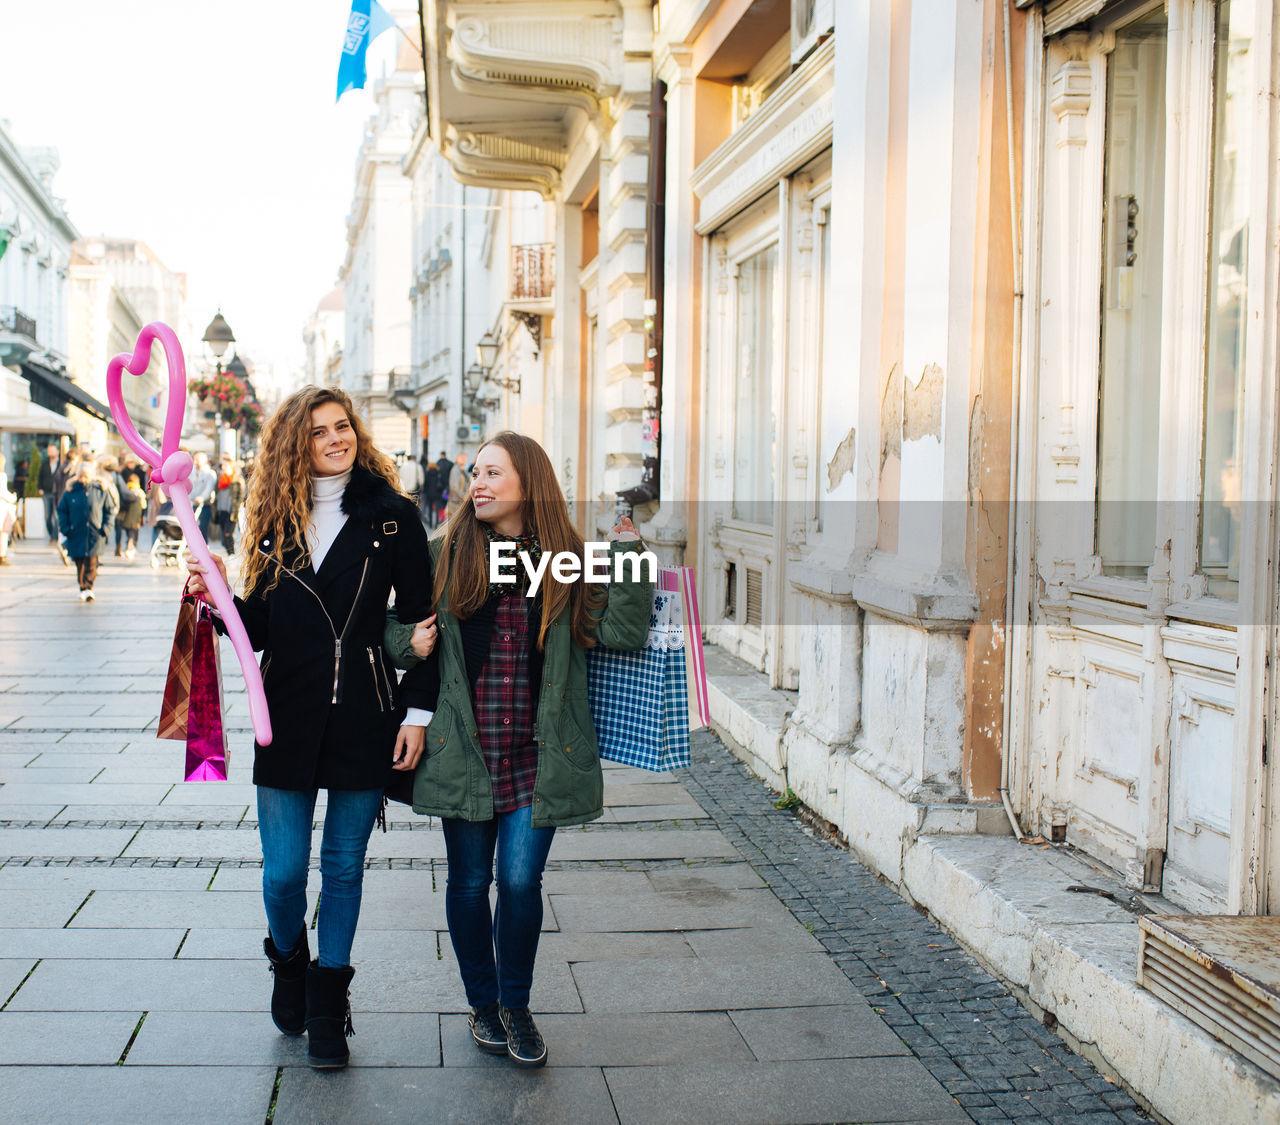 Full Length Of Friends Walking In City